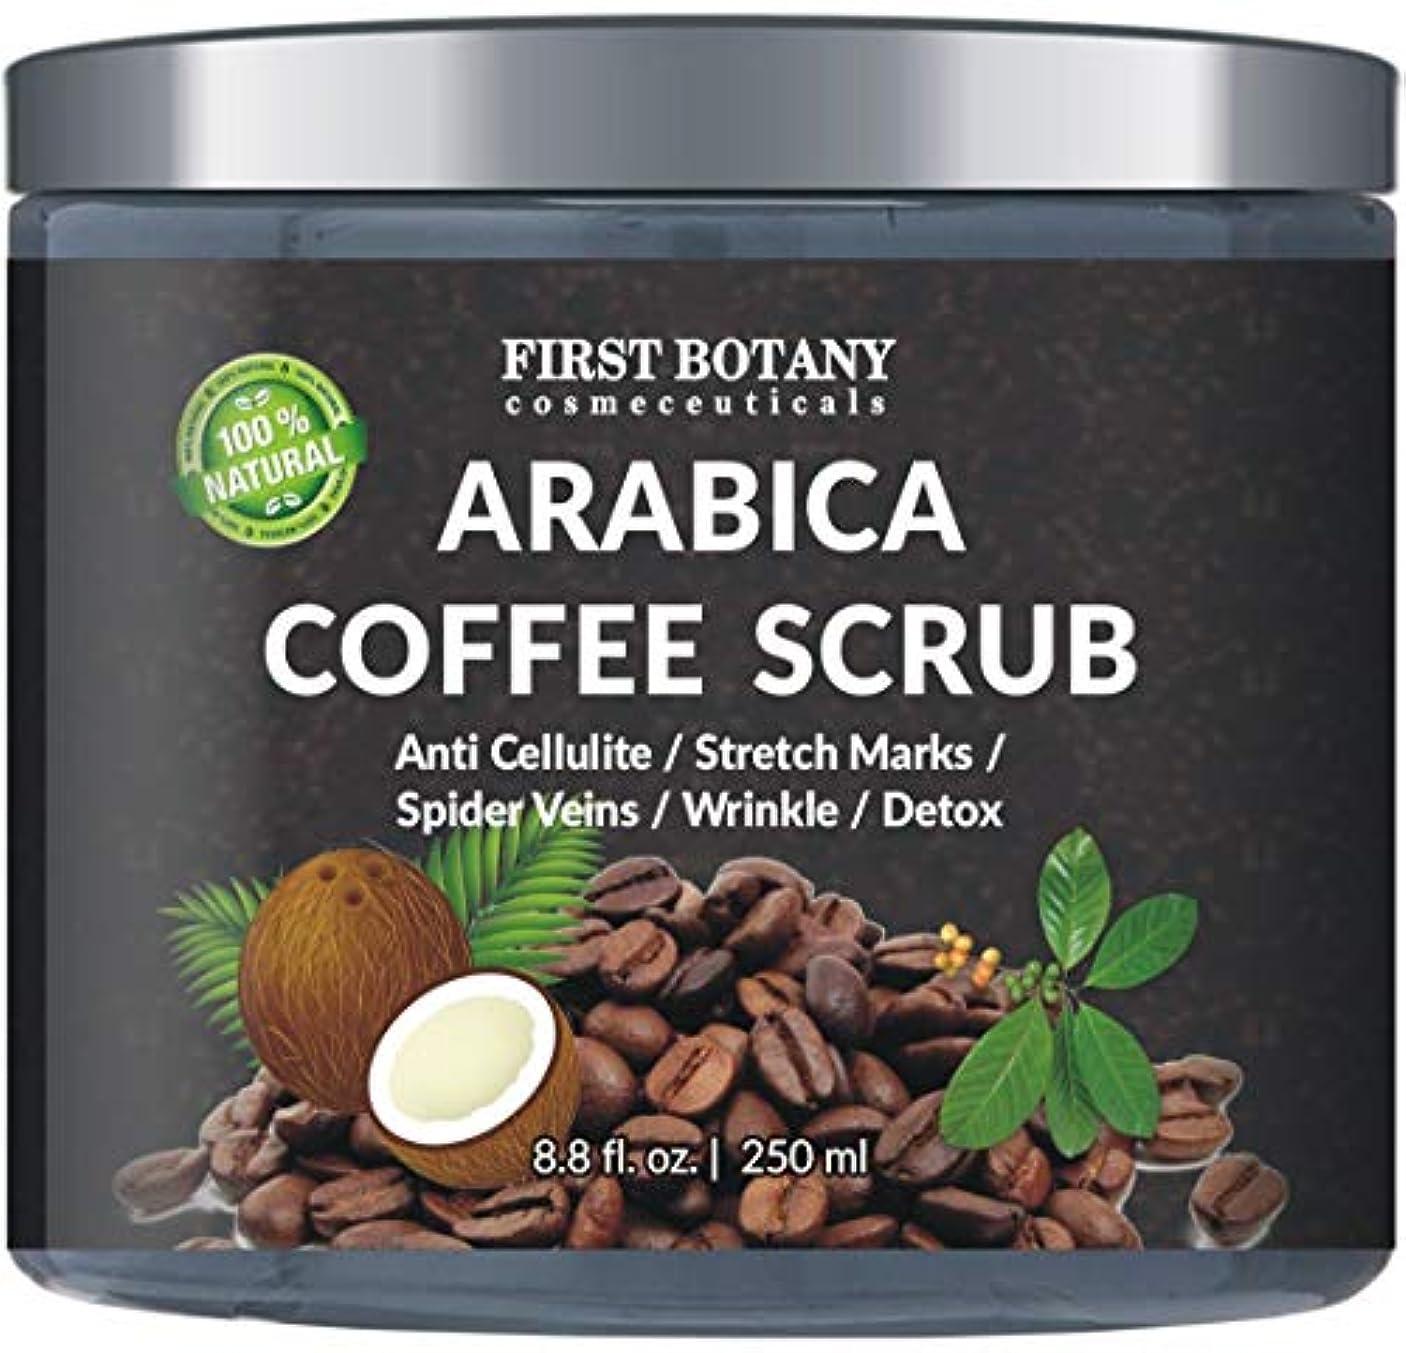 修正偽装する生100% ナチュラル アラビカ コーヒースクラブ with 有機コーヒー、ココナッツ、シアバター | ボディースクラブクリーム [海外直送品] (283グラム)